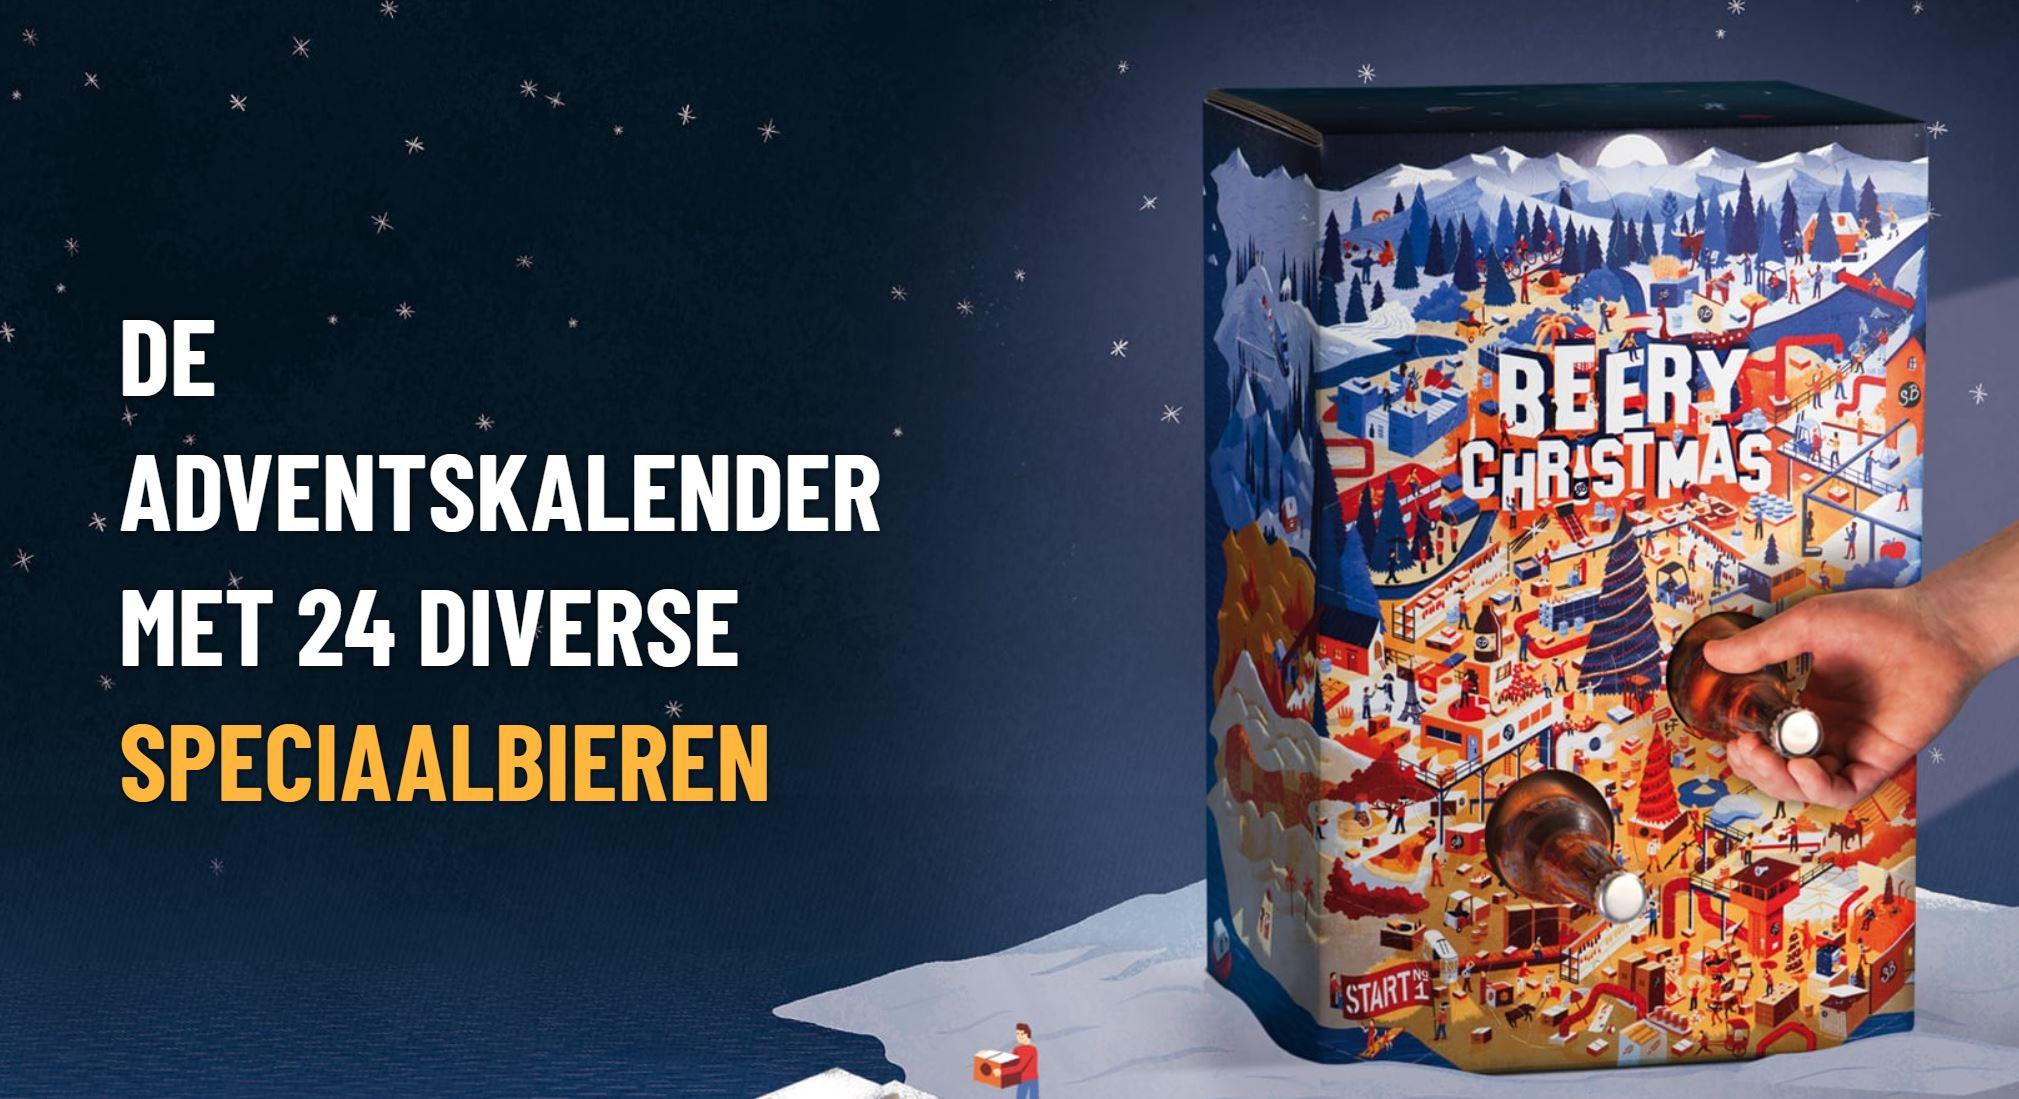 Bier advent kalender voor de echte liefhebbers!